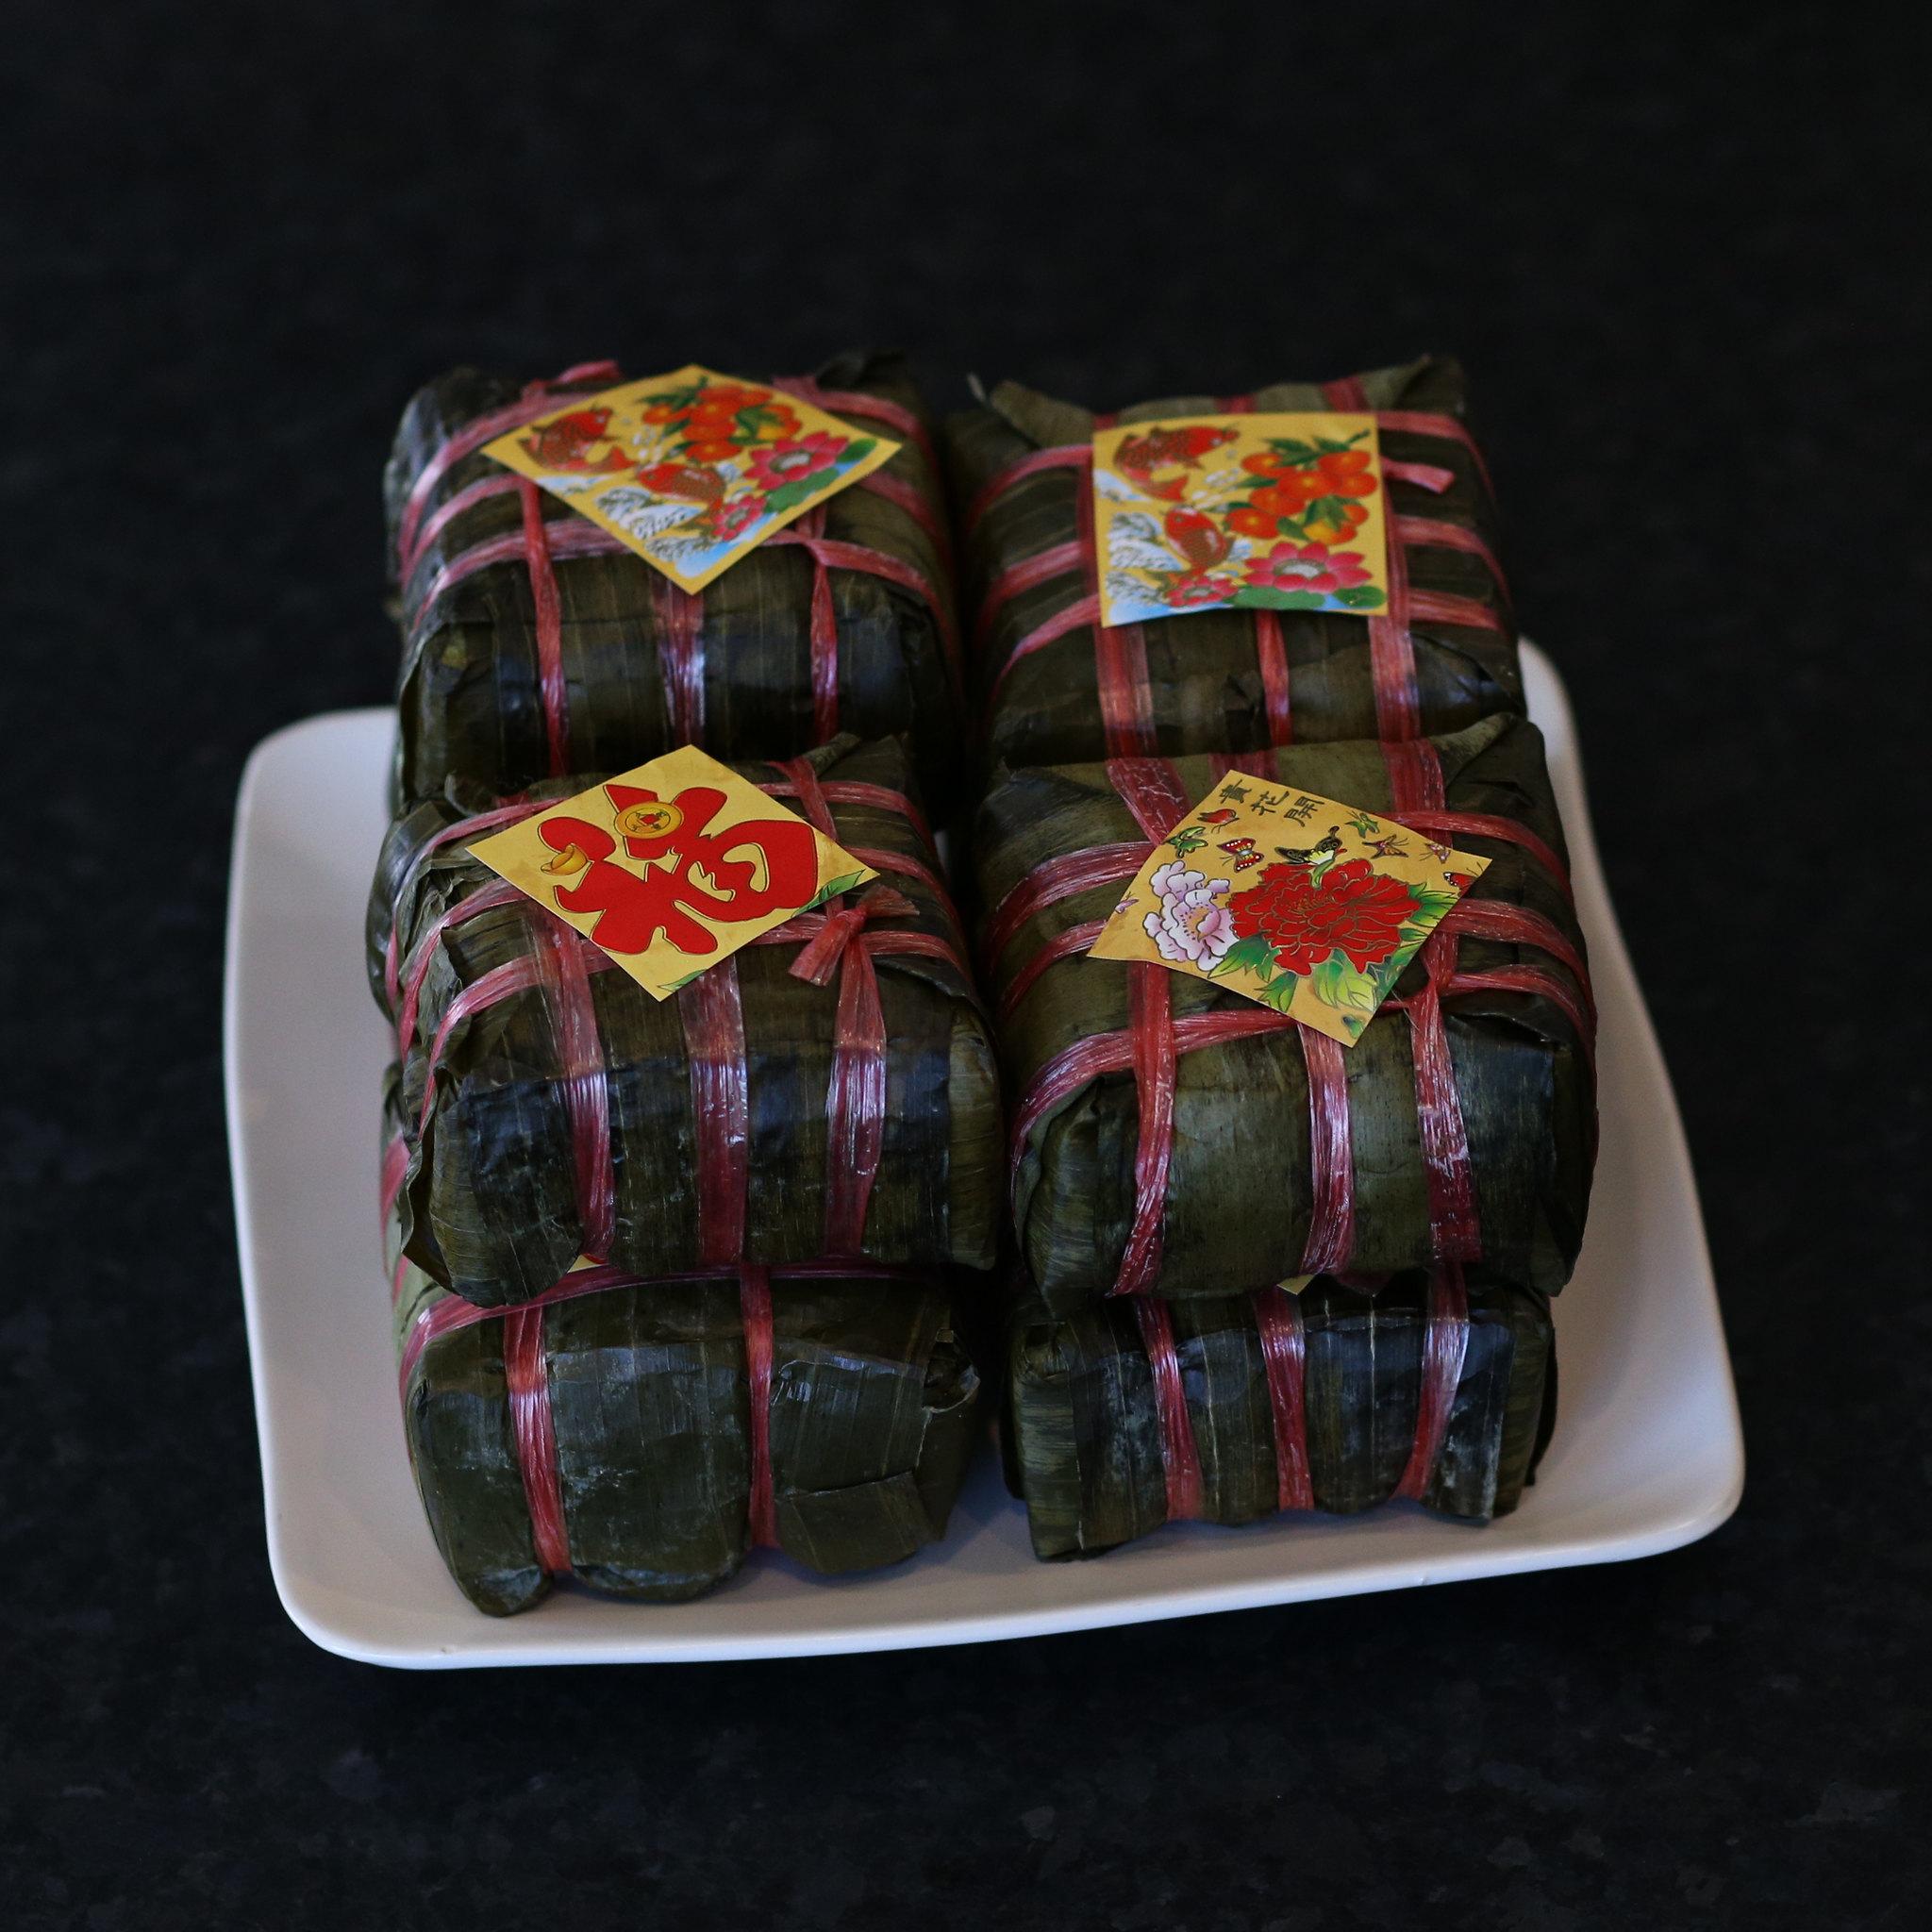 VietnameseMungbeanCakes_SydneysFashionDiary (2)